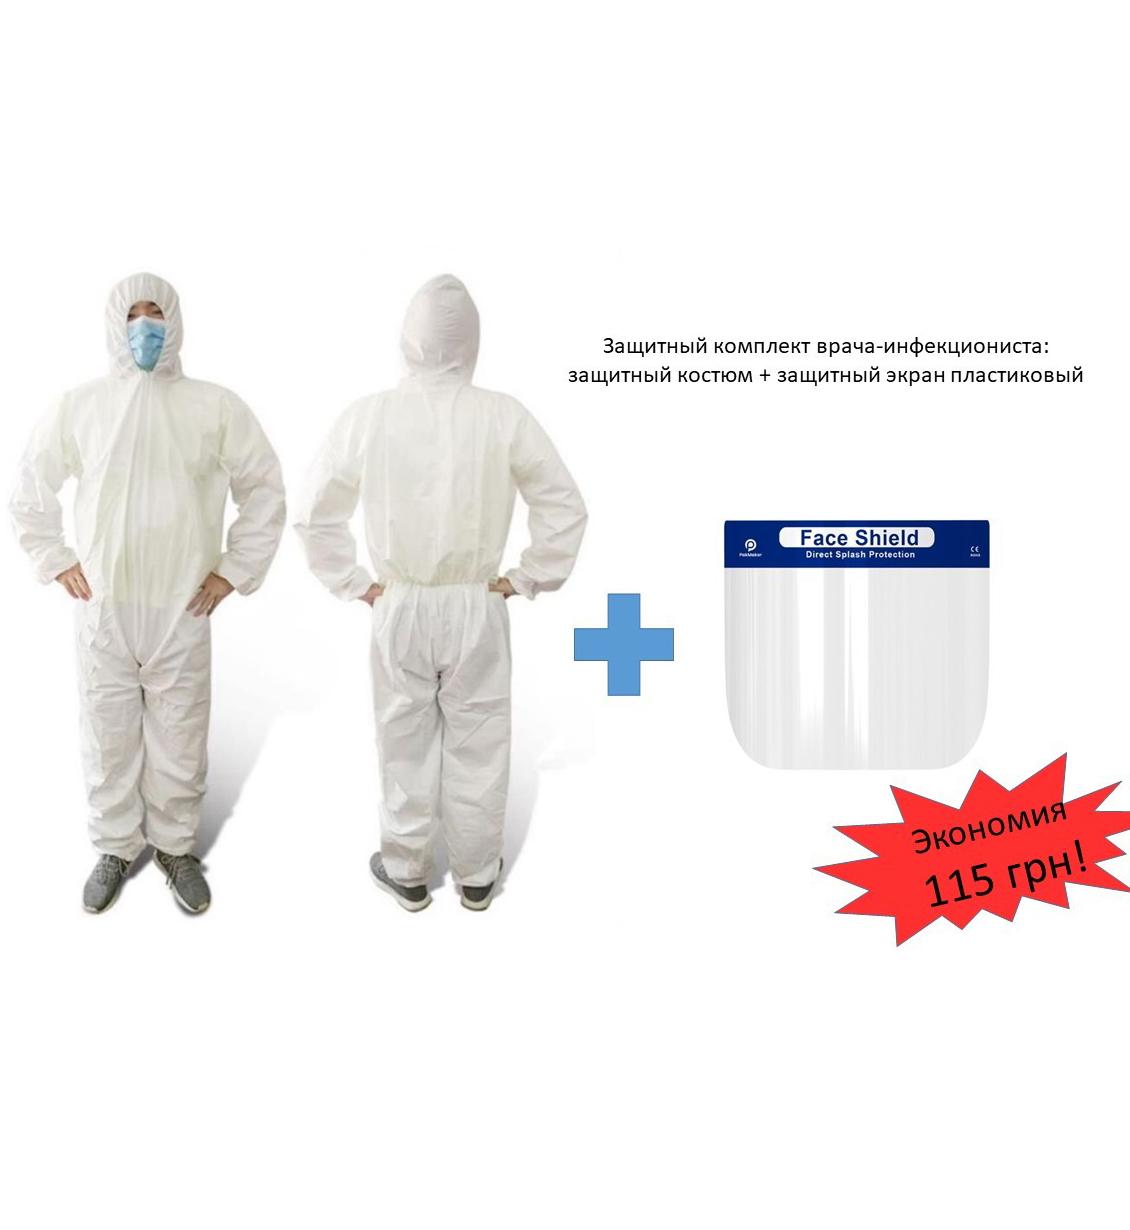 Защитный комплект врача-инфекциониста: защитный костюм + защитный экран пластиковый